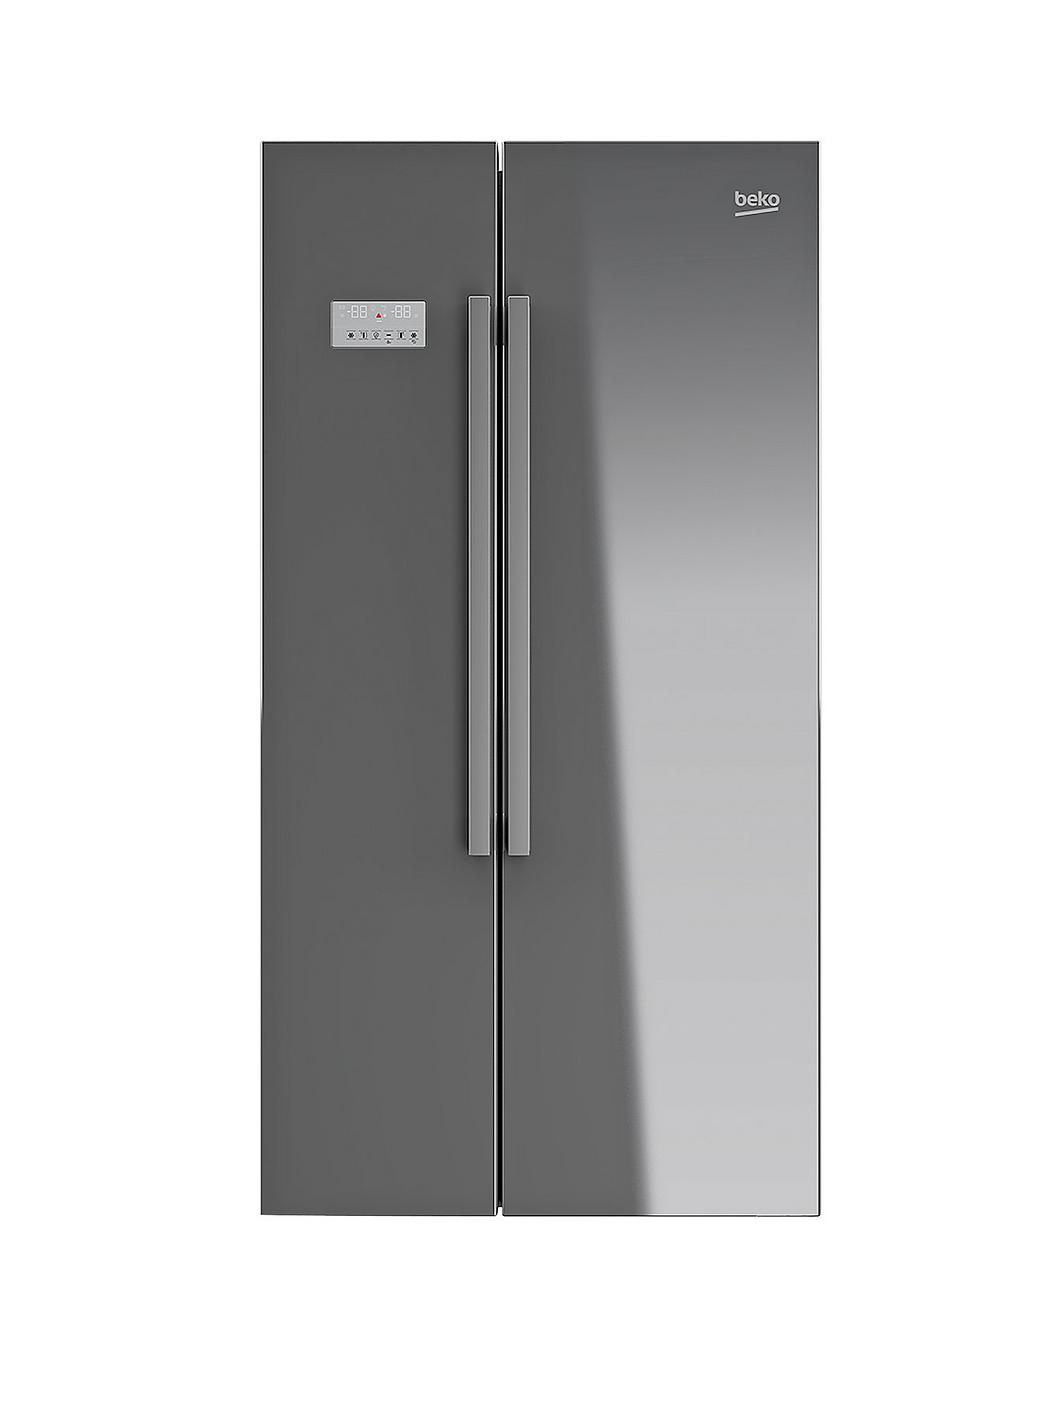 beko asl141s usa style fridge freezer silver. Black Bedroom Furniture Sets. Home Design Ideas